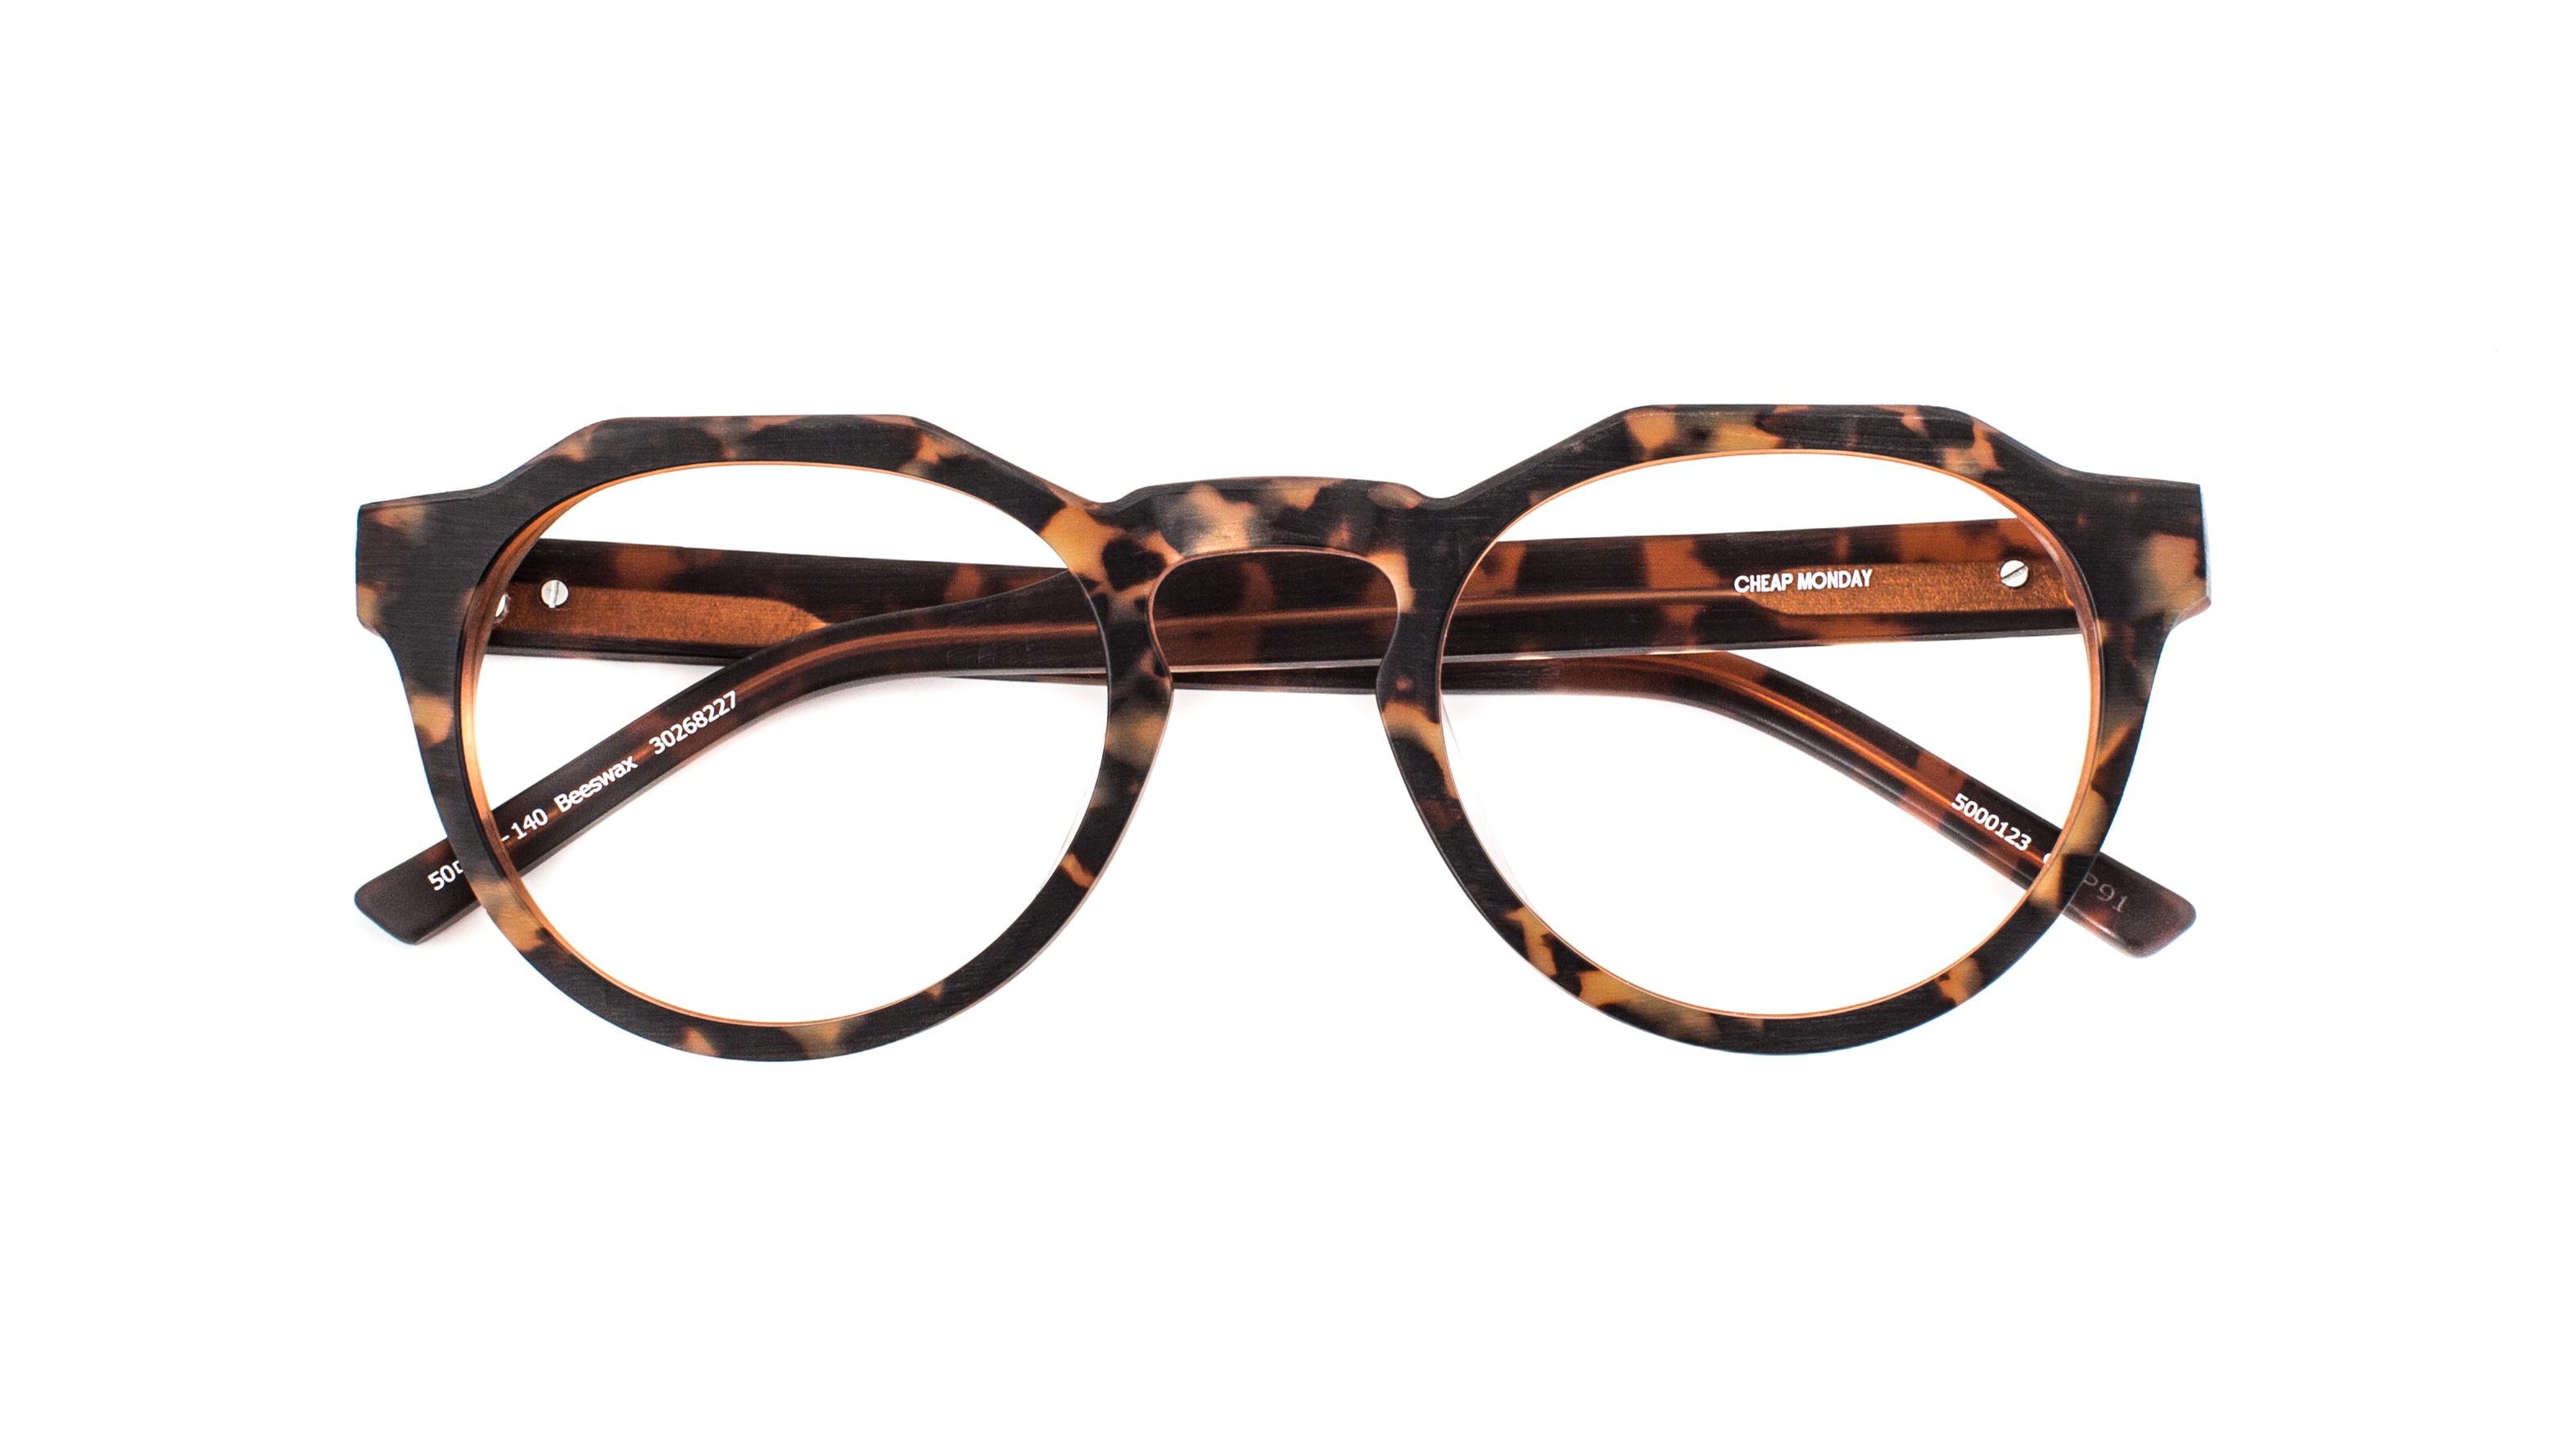 6aa729cb66 Cheap Eyeglass Frames Uk